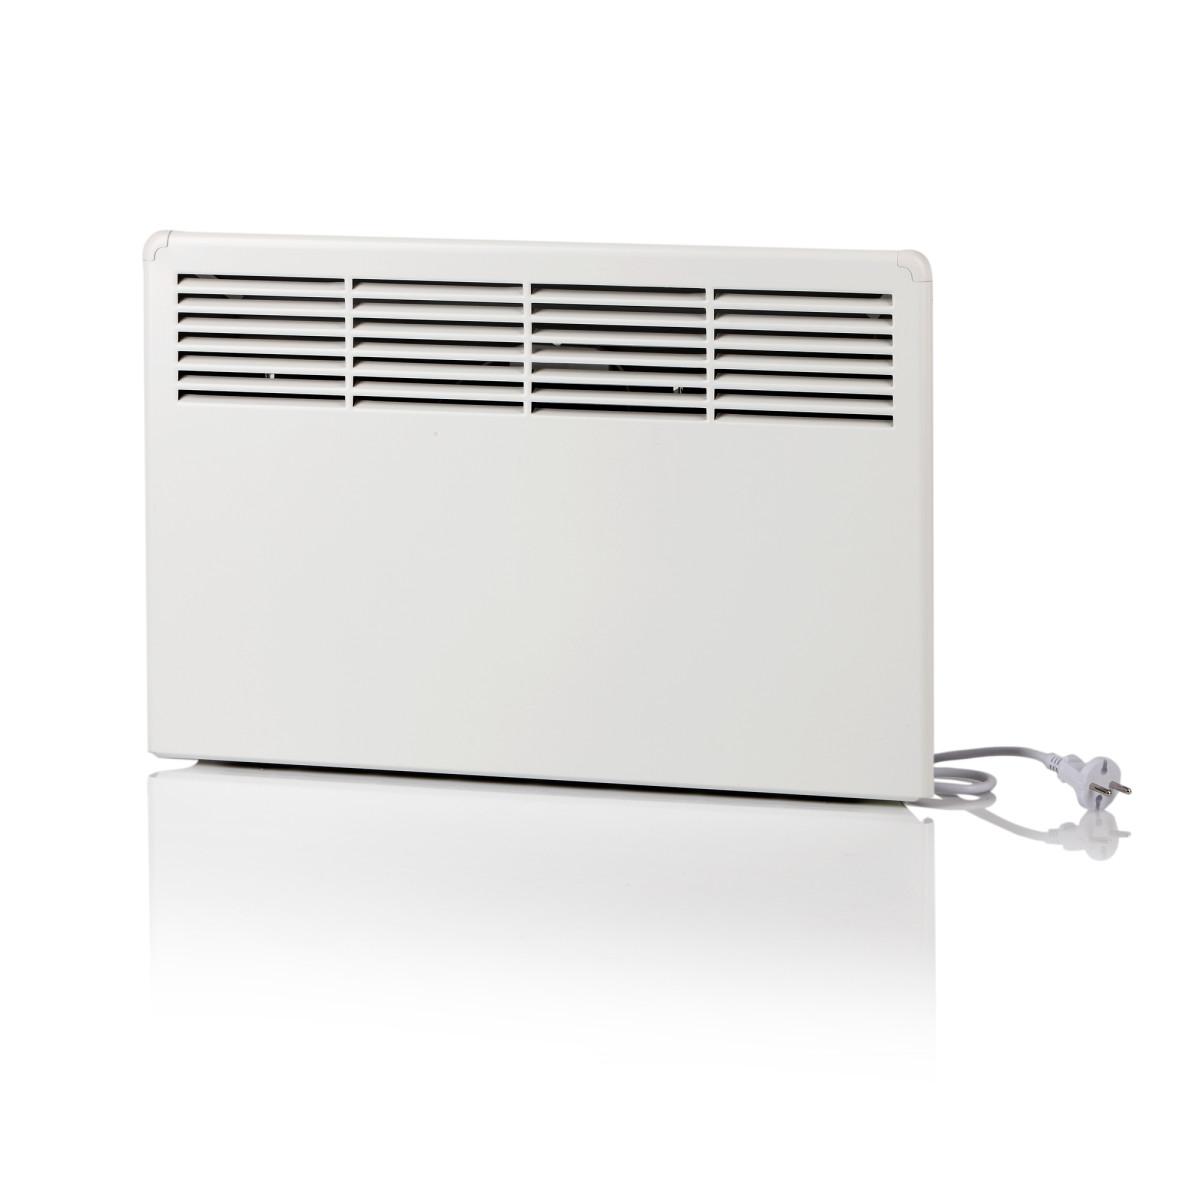 Конвектор Finnheat BT EPHBE05BR с электронным термостатом 500 Вт